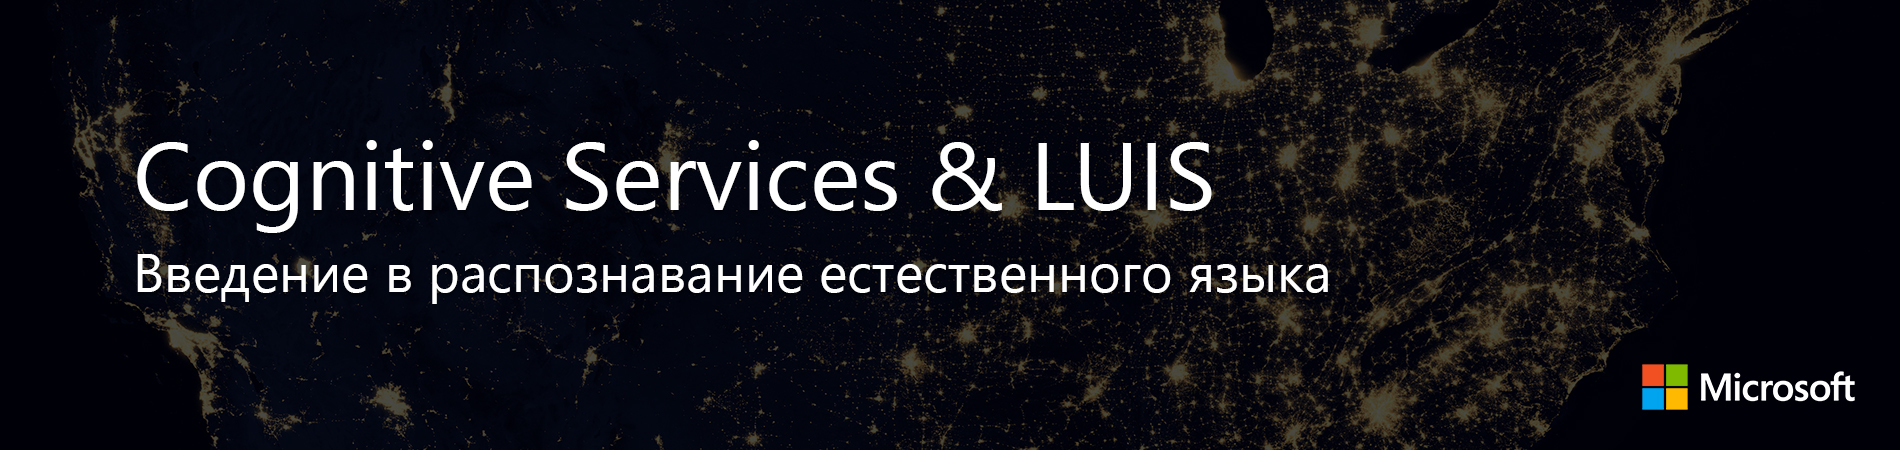 [Перевод] Cognitive Services & LUIS: Введение в распознавание естественного языка